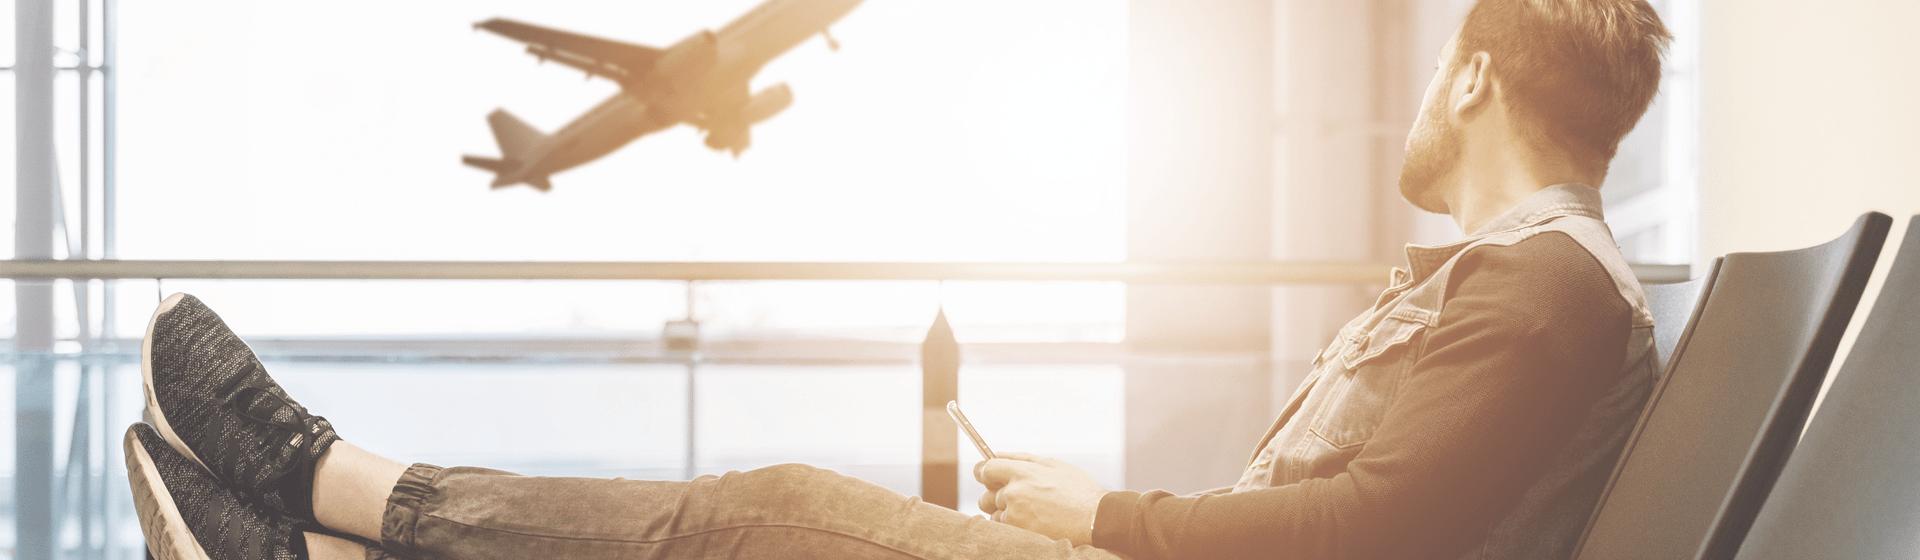 Eine Reiserücktrittsversicherung kann sich lohnen